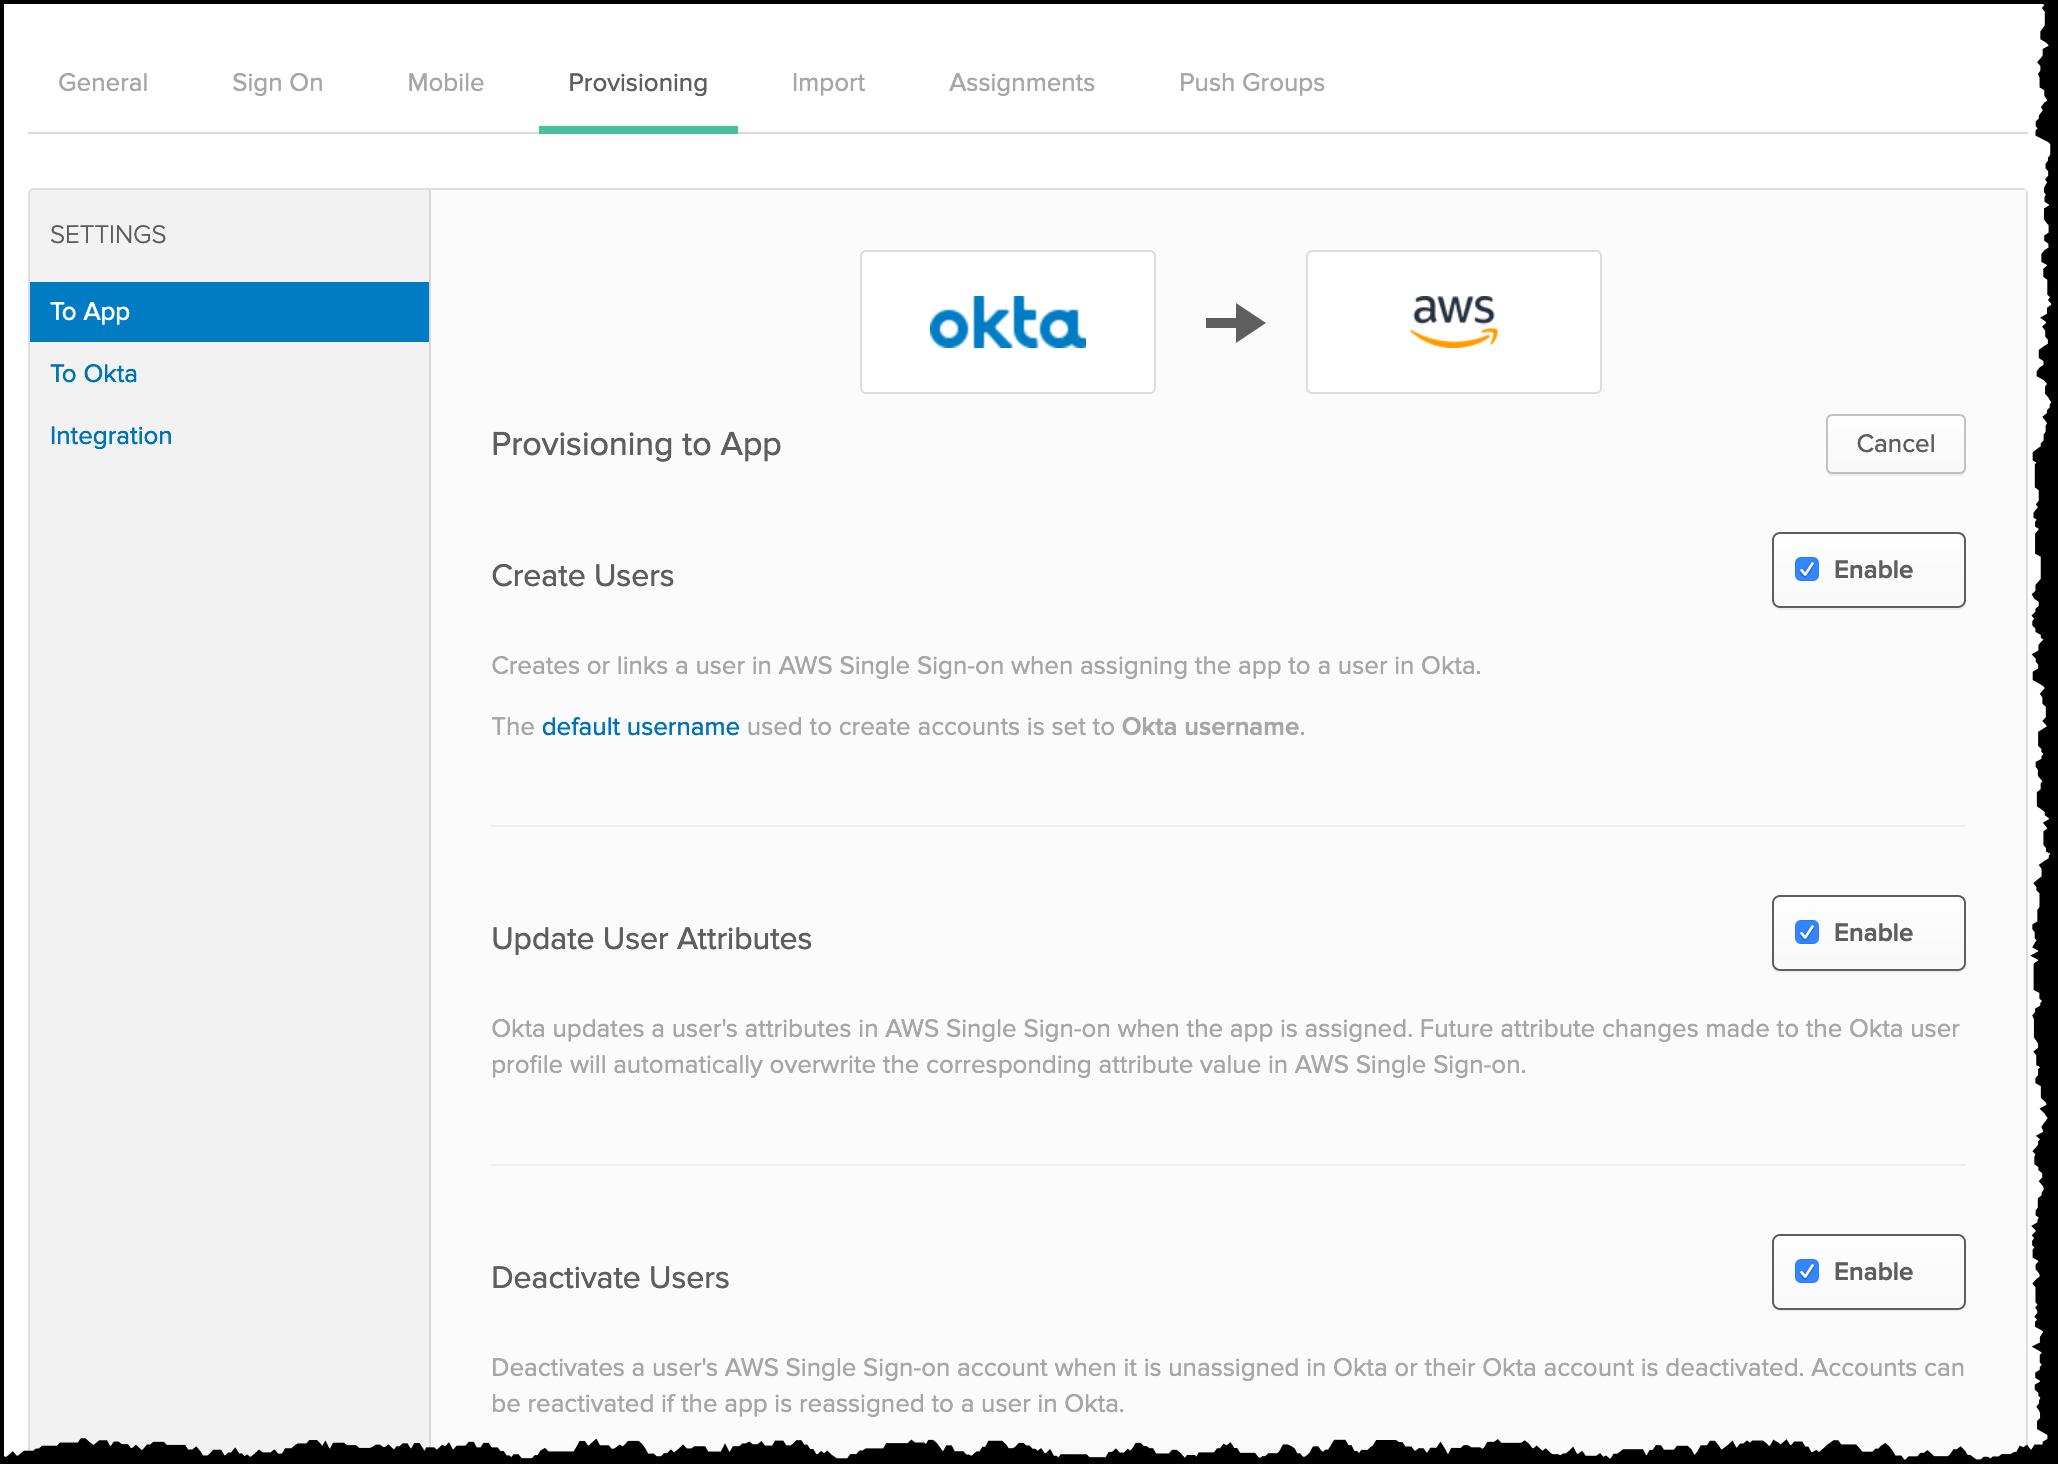 Okta 预置至应用程序